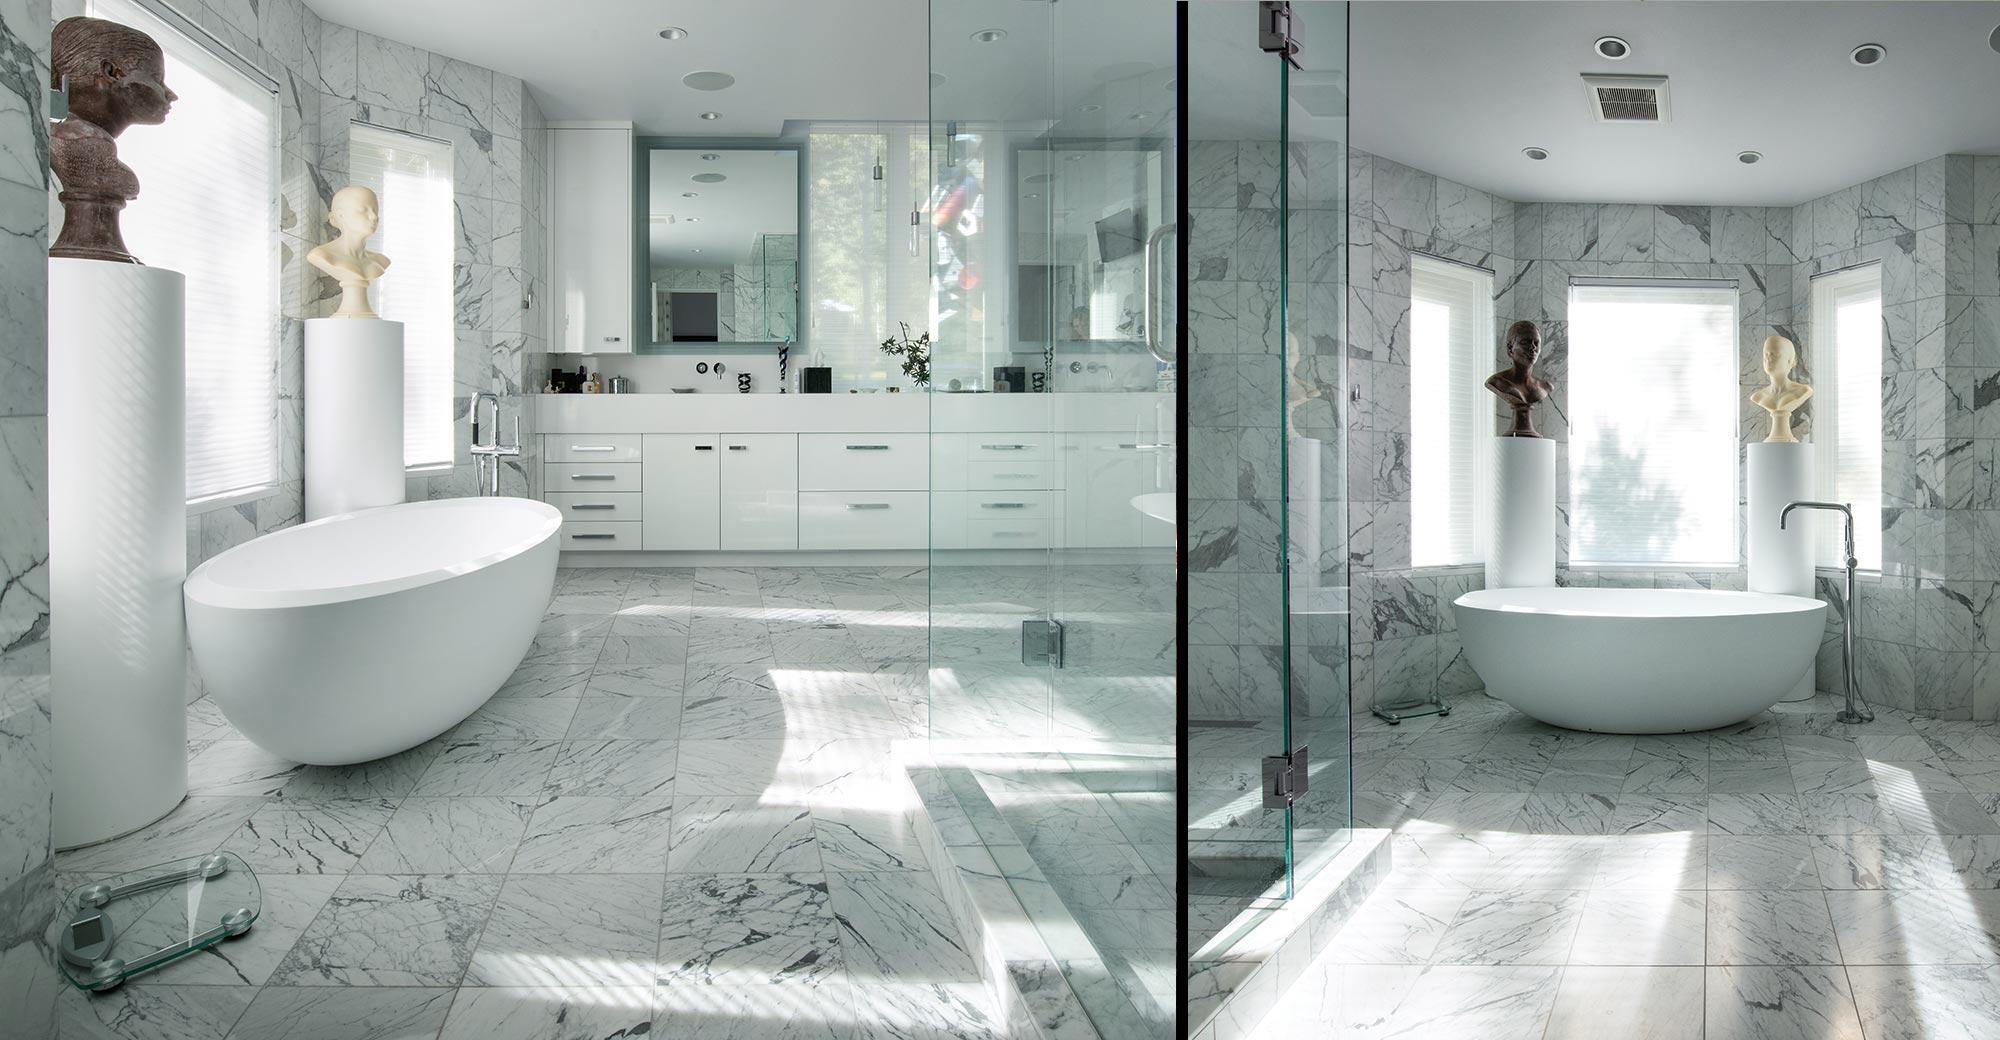 Arrowhead Remodel Bath